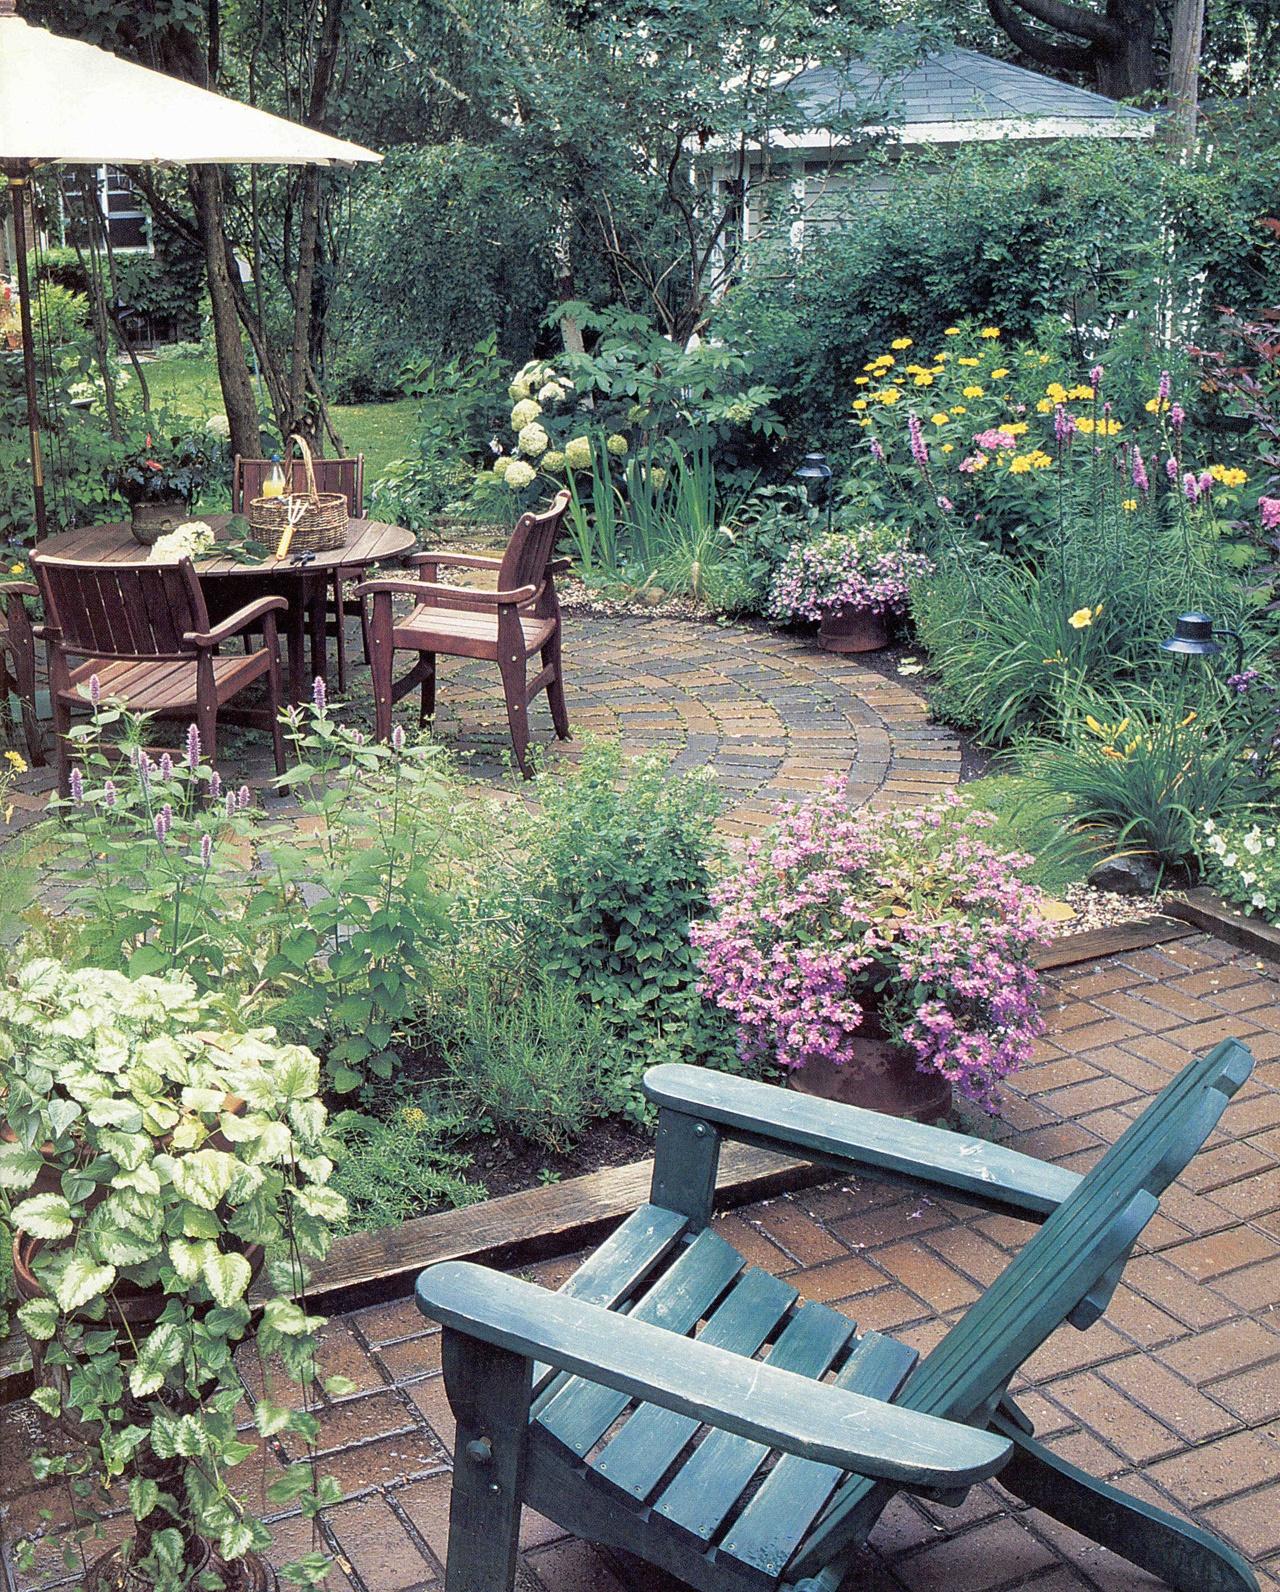 Nouveaux horizons,côté jardins no 2, été 1998